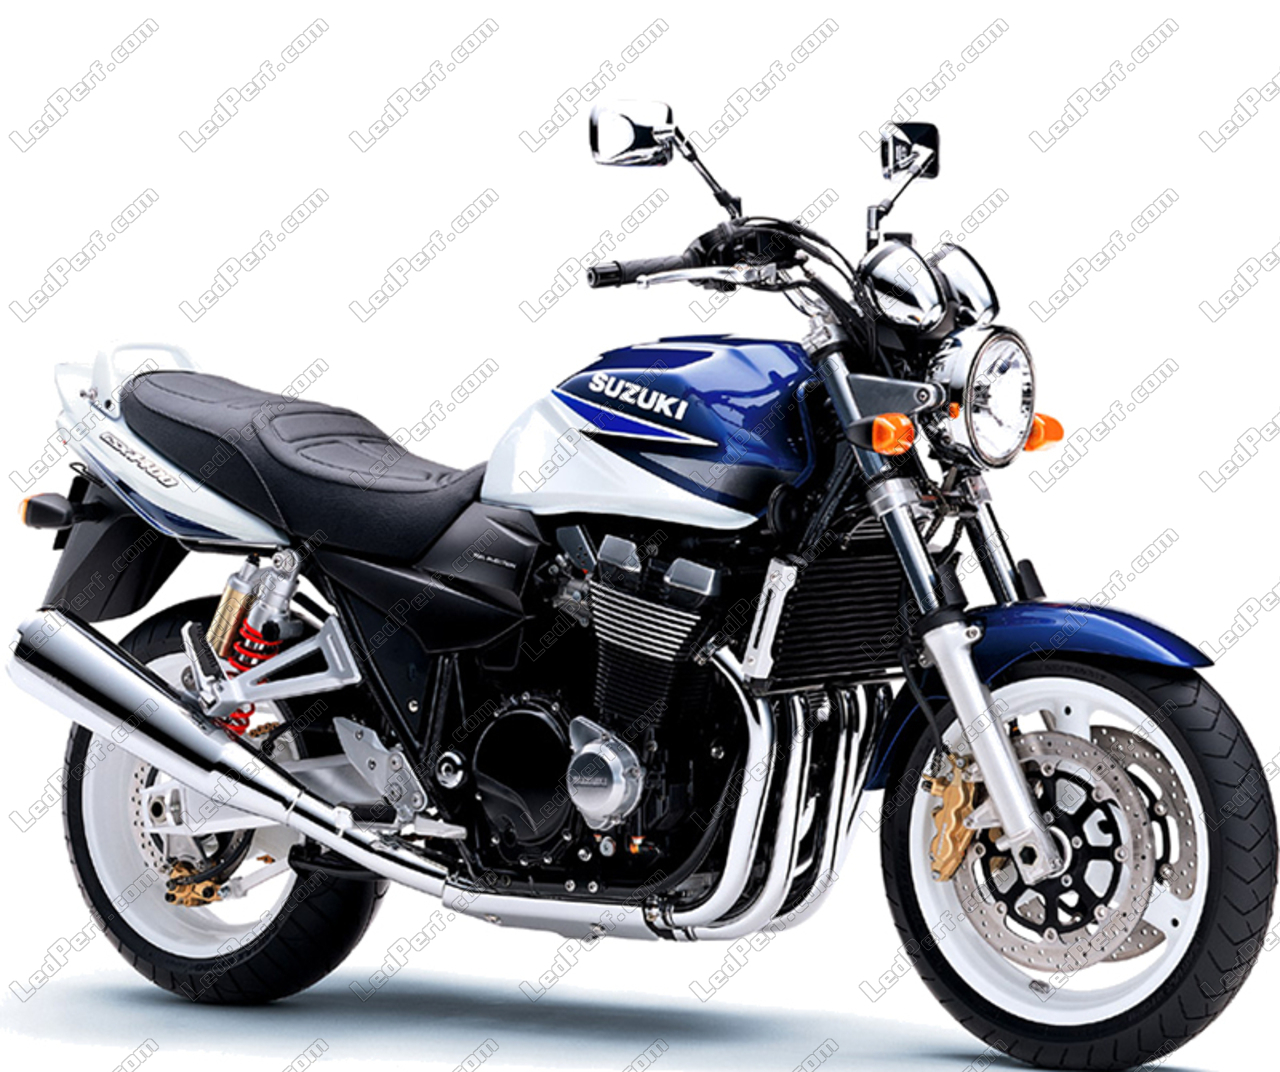 Faro per motocicletta H4 7 pollici Faro per motocicletta con portalampada e staffe per faro adatti per modelli FXWG FXDWG FXST con faro a LED da 7 Lamp Housing